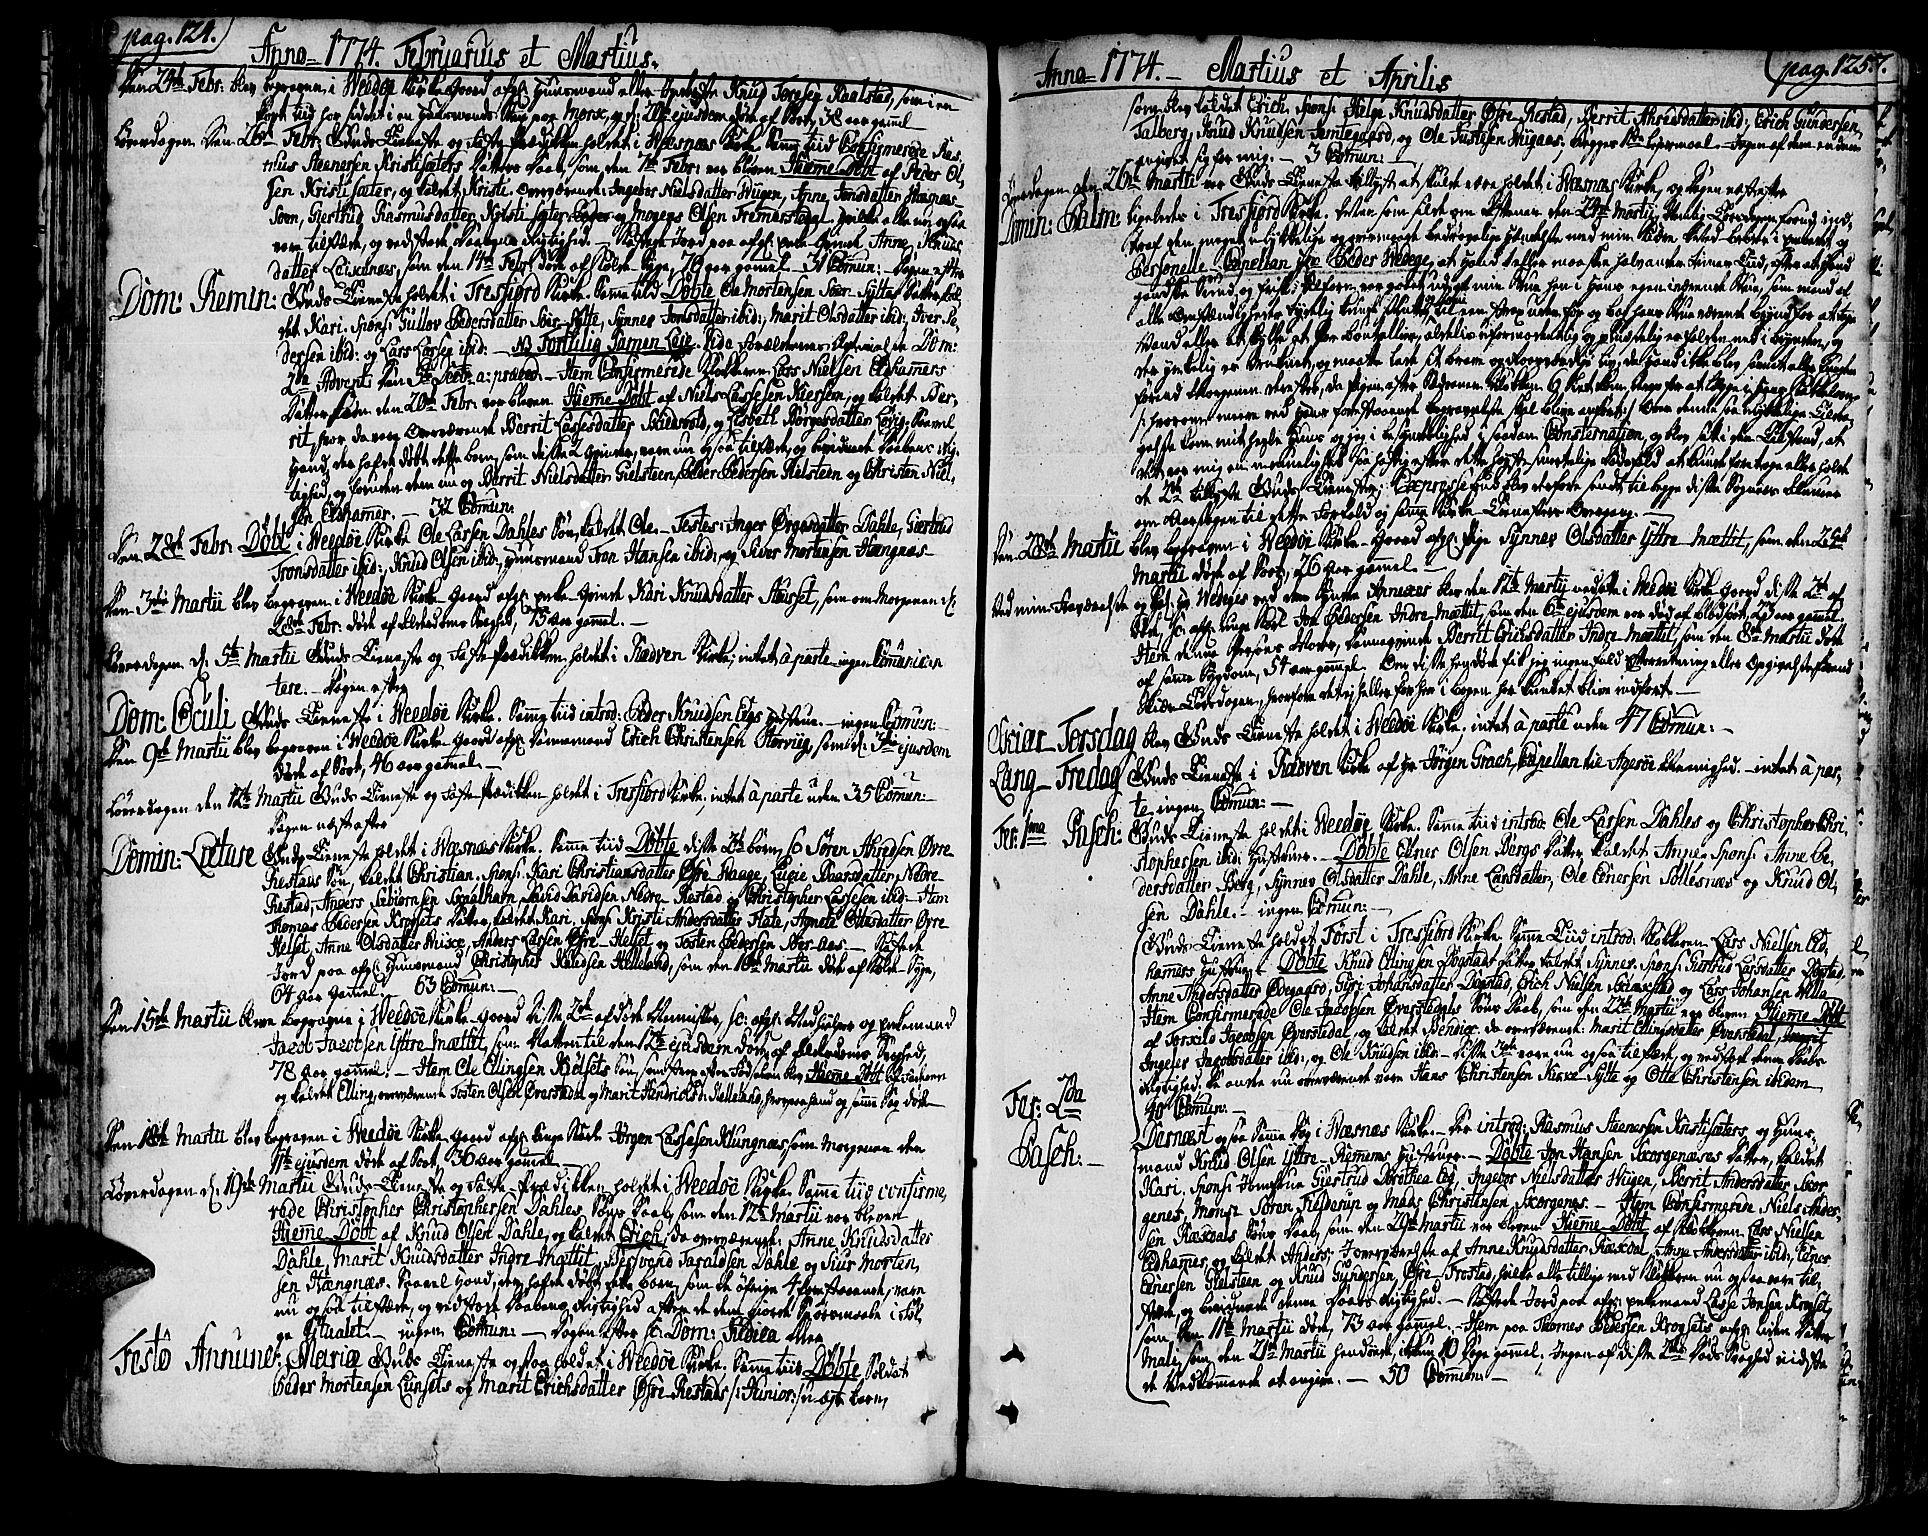 SAT, Ministerialprotokoller, klokkerbøker og fødselsregistre - Møre og Romsdal, 547/L0600: Ministerialbok nr. 547A02, 1765-1799, s. 124-125